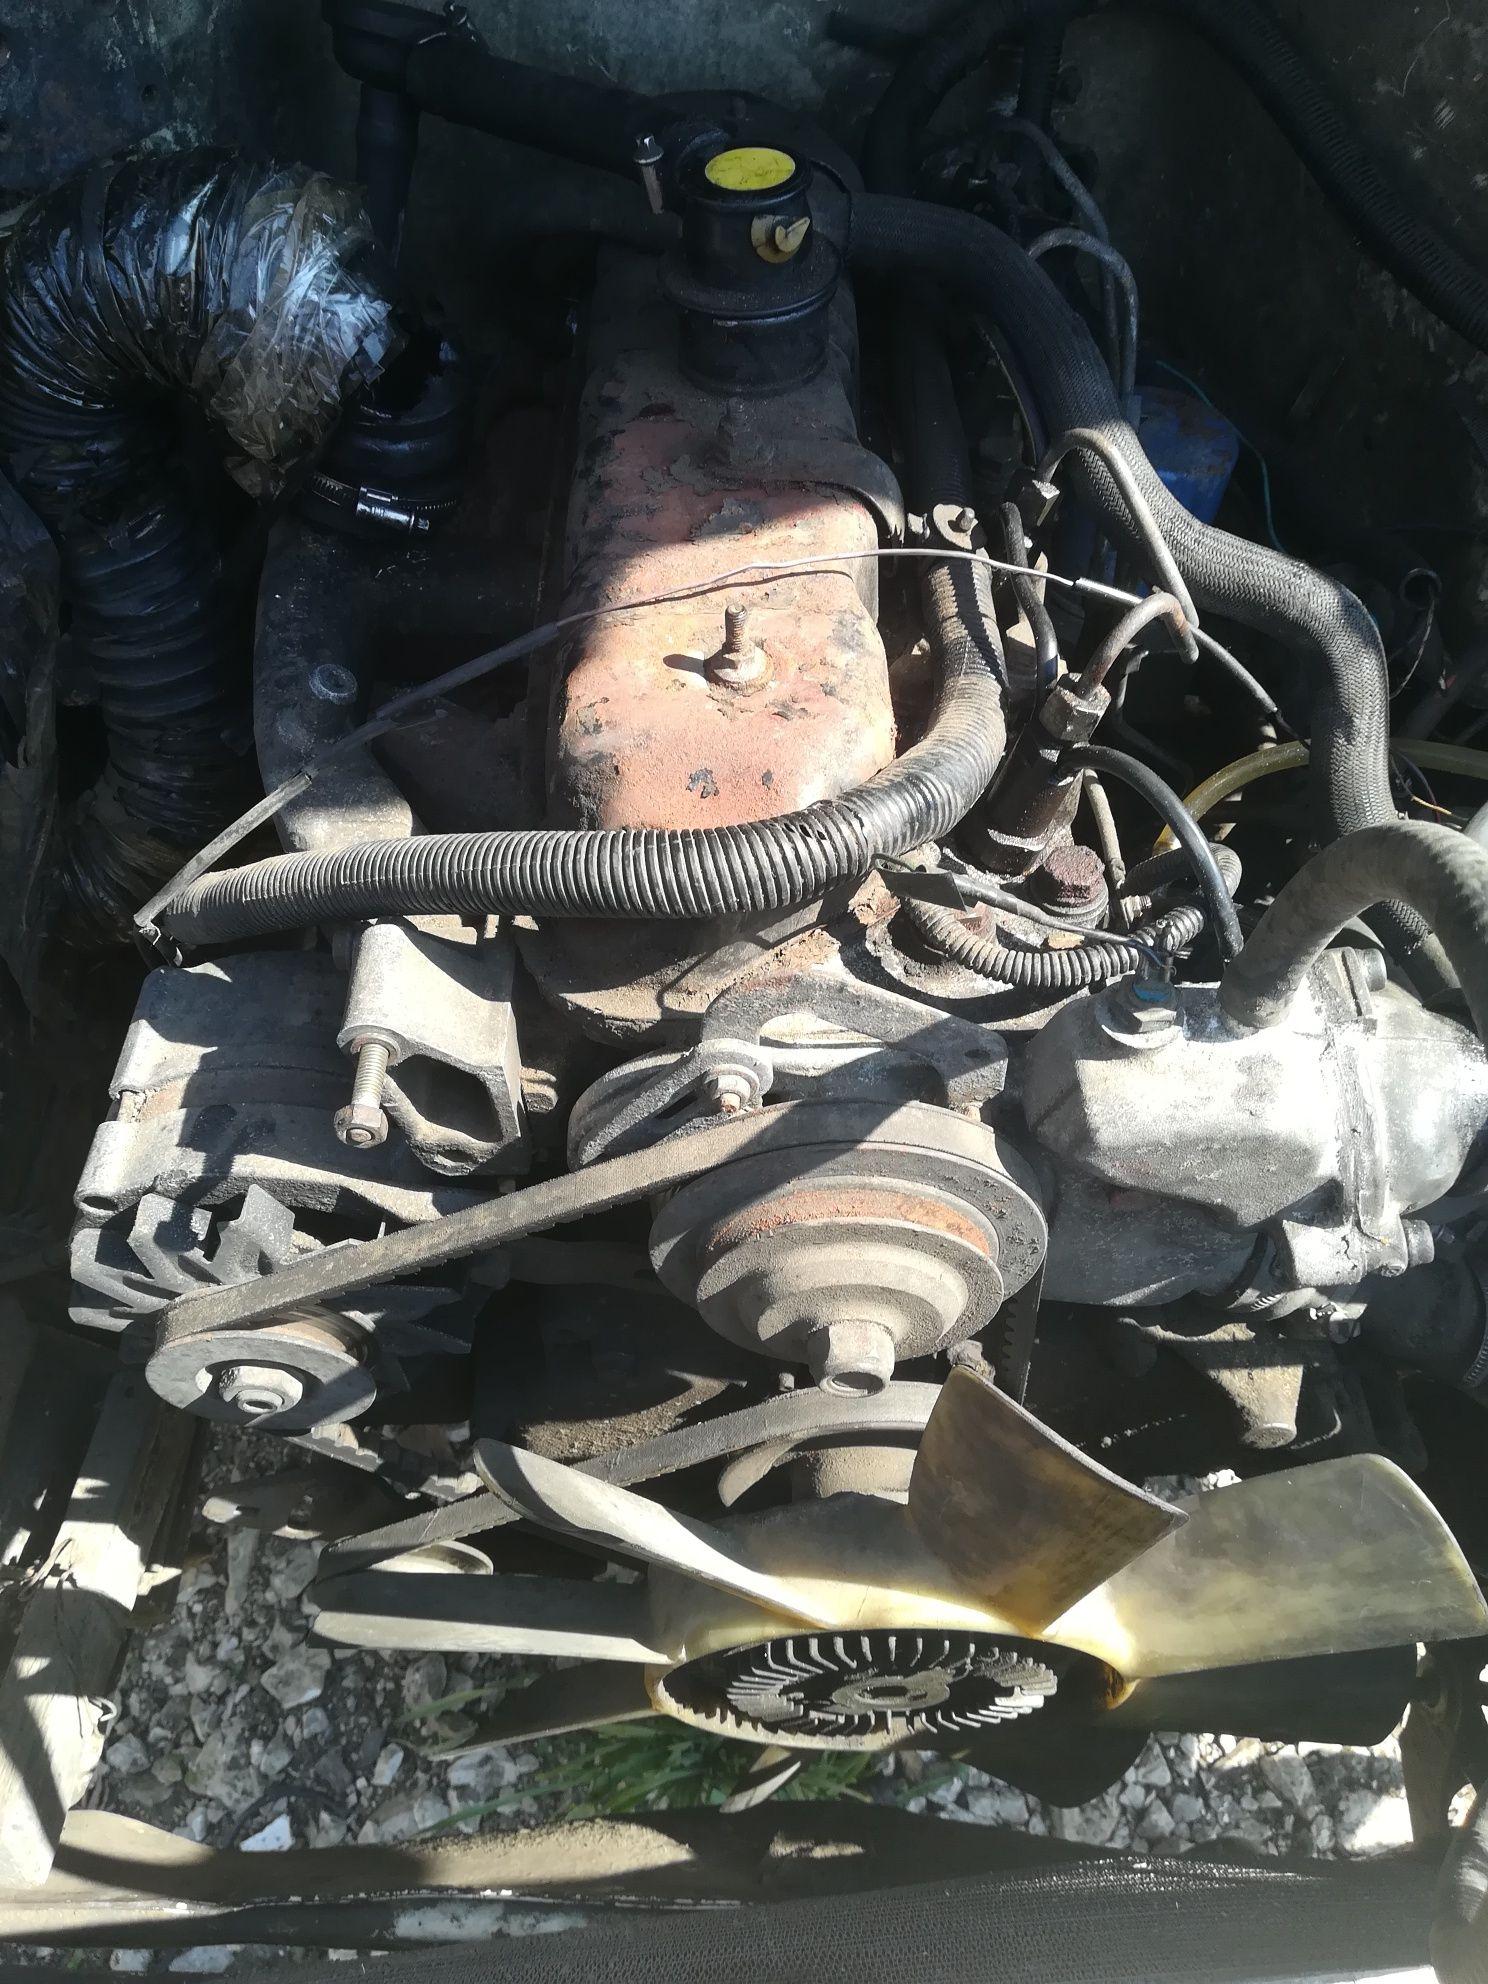 Двигун мотор двігатель даф 400 daf 400 2.5 дізель авторозборка